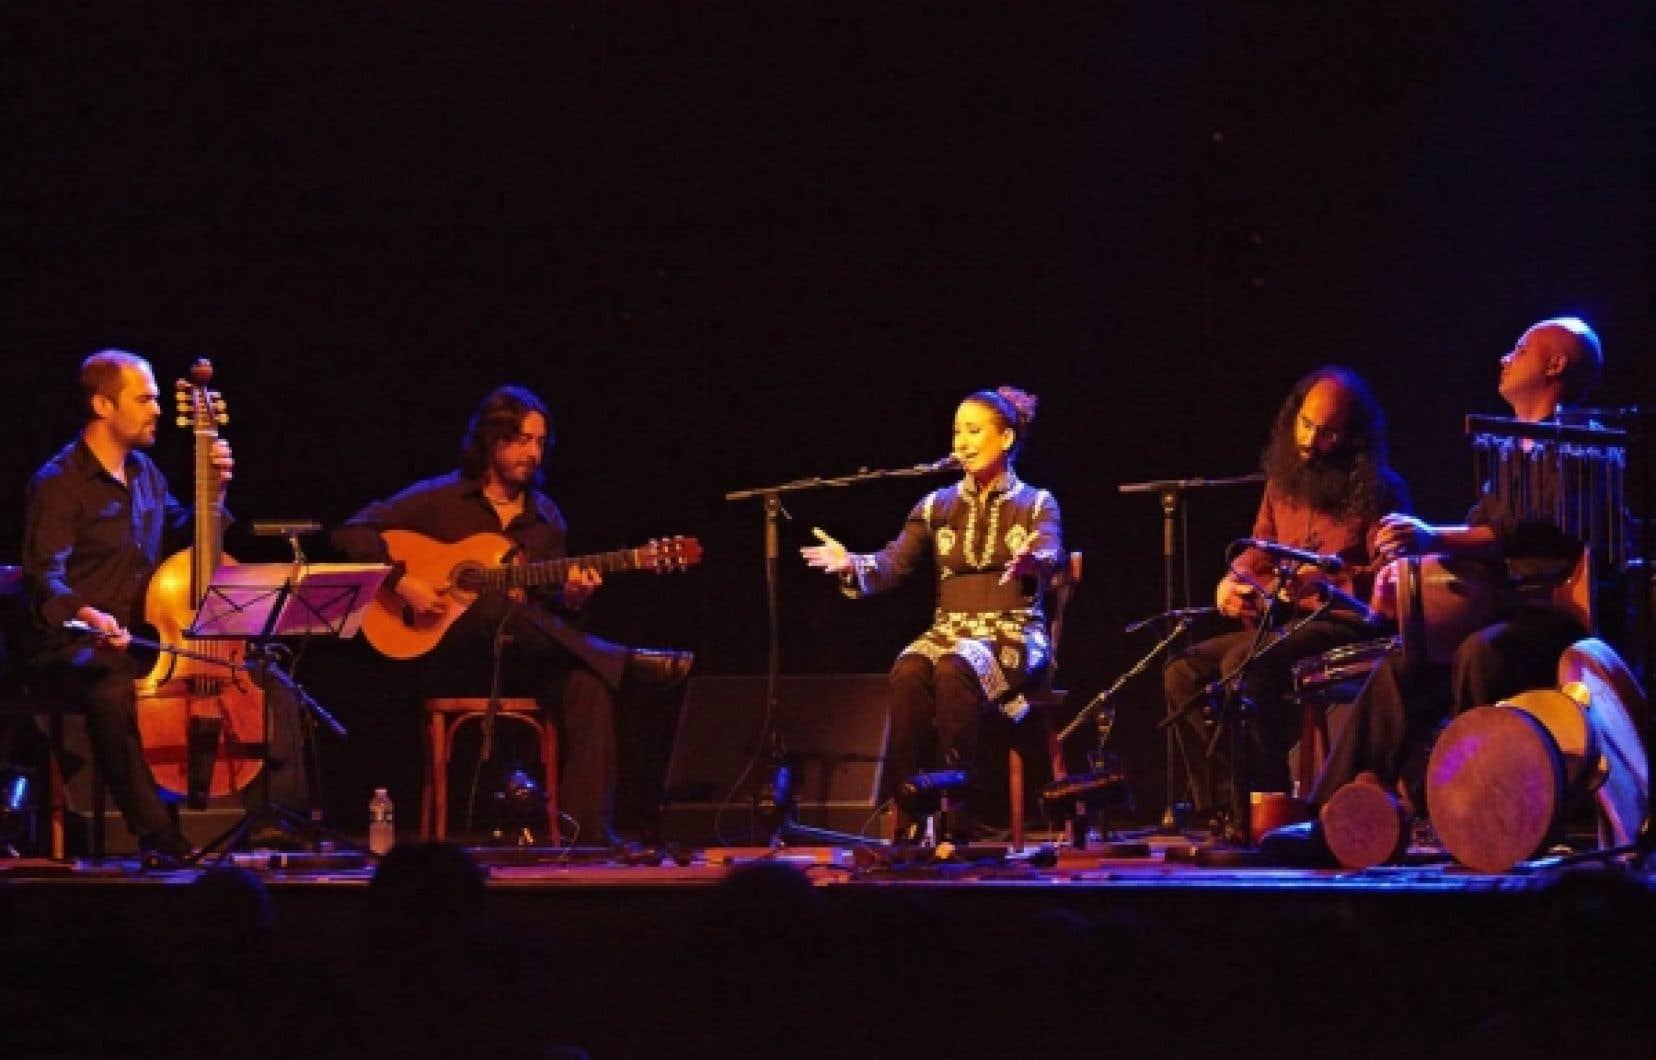 Inspiré d'un poème de Garcia Lorca, El grito, el silencio… est né sur scène à Montréal en 2008.